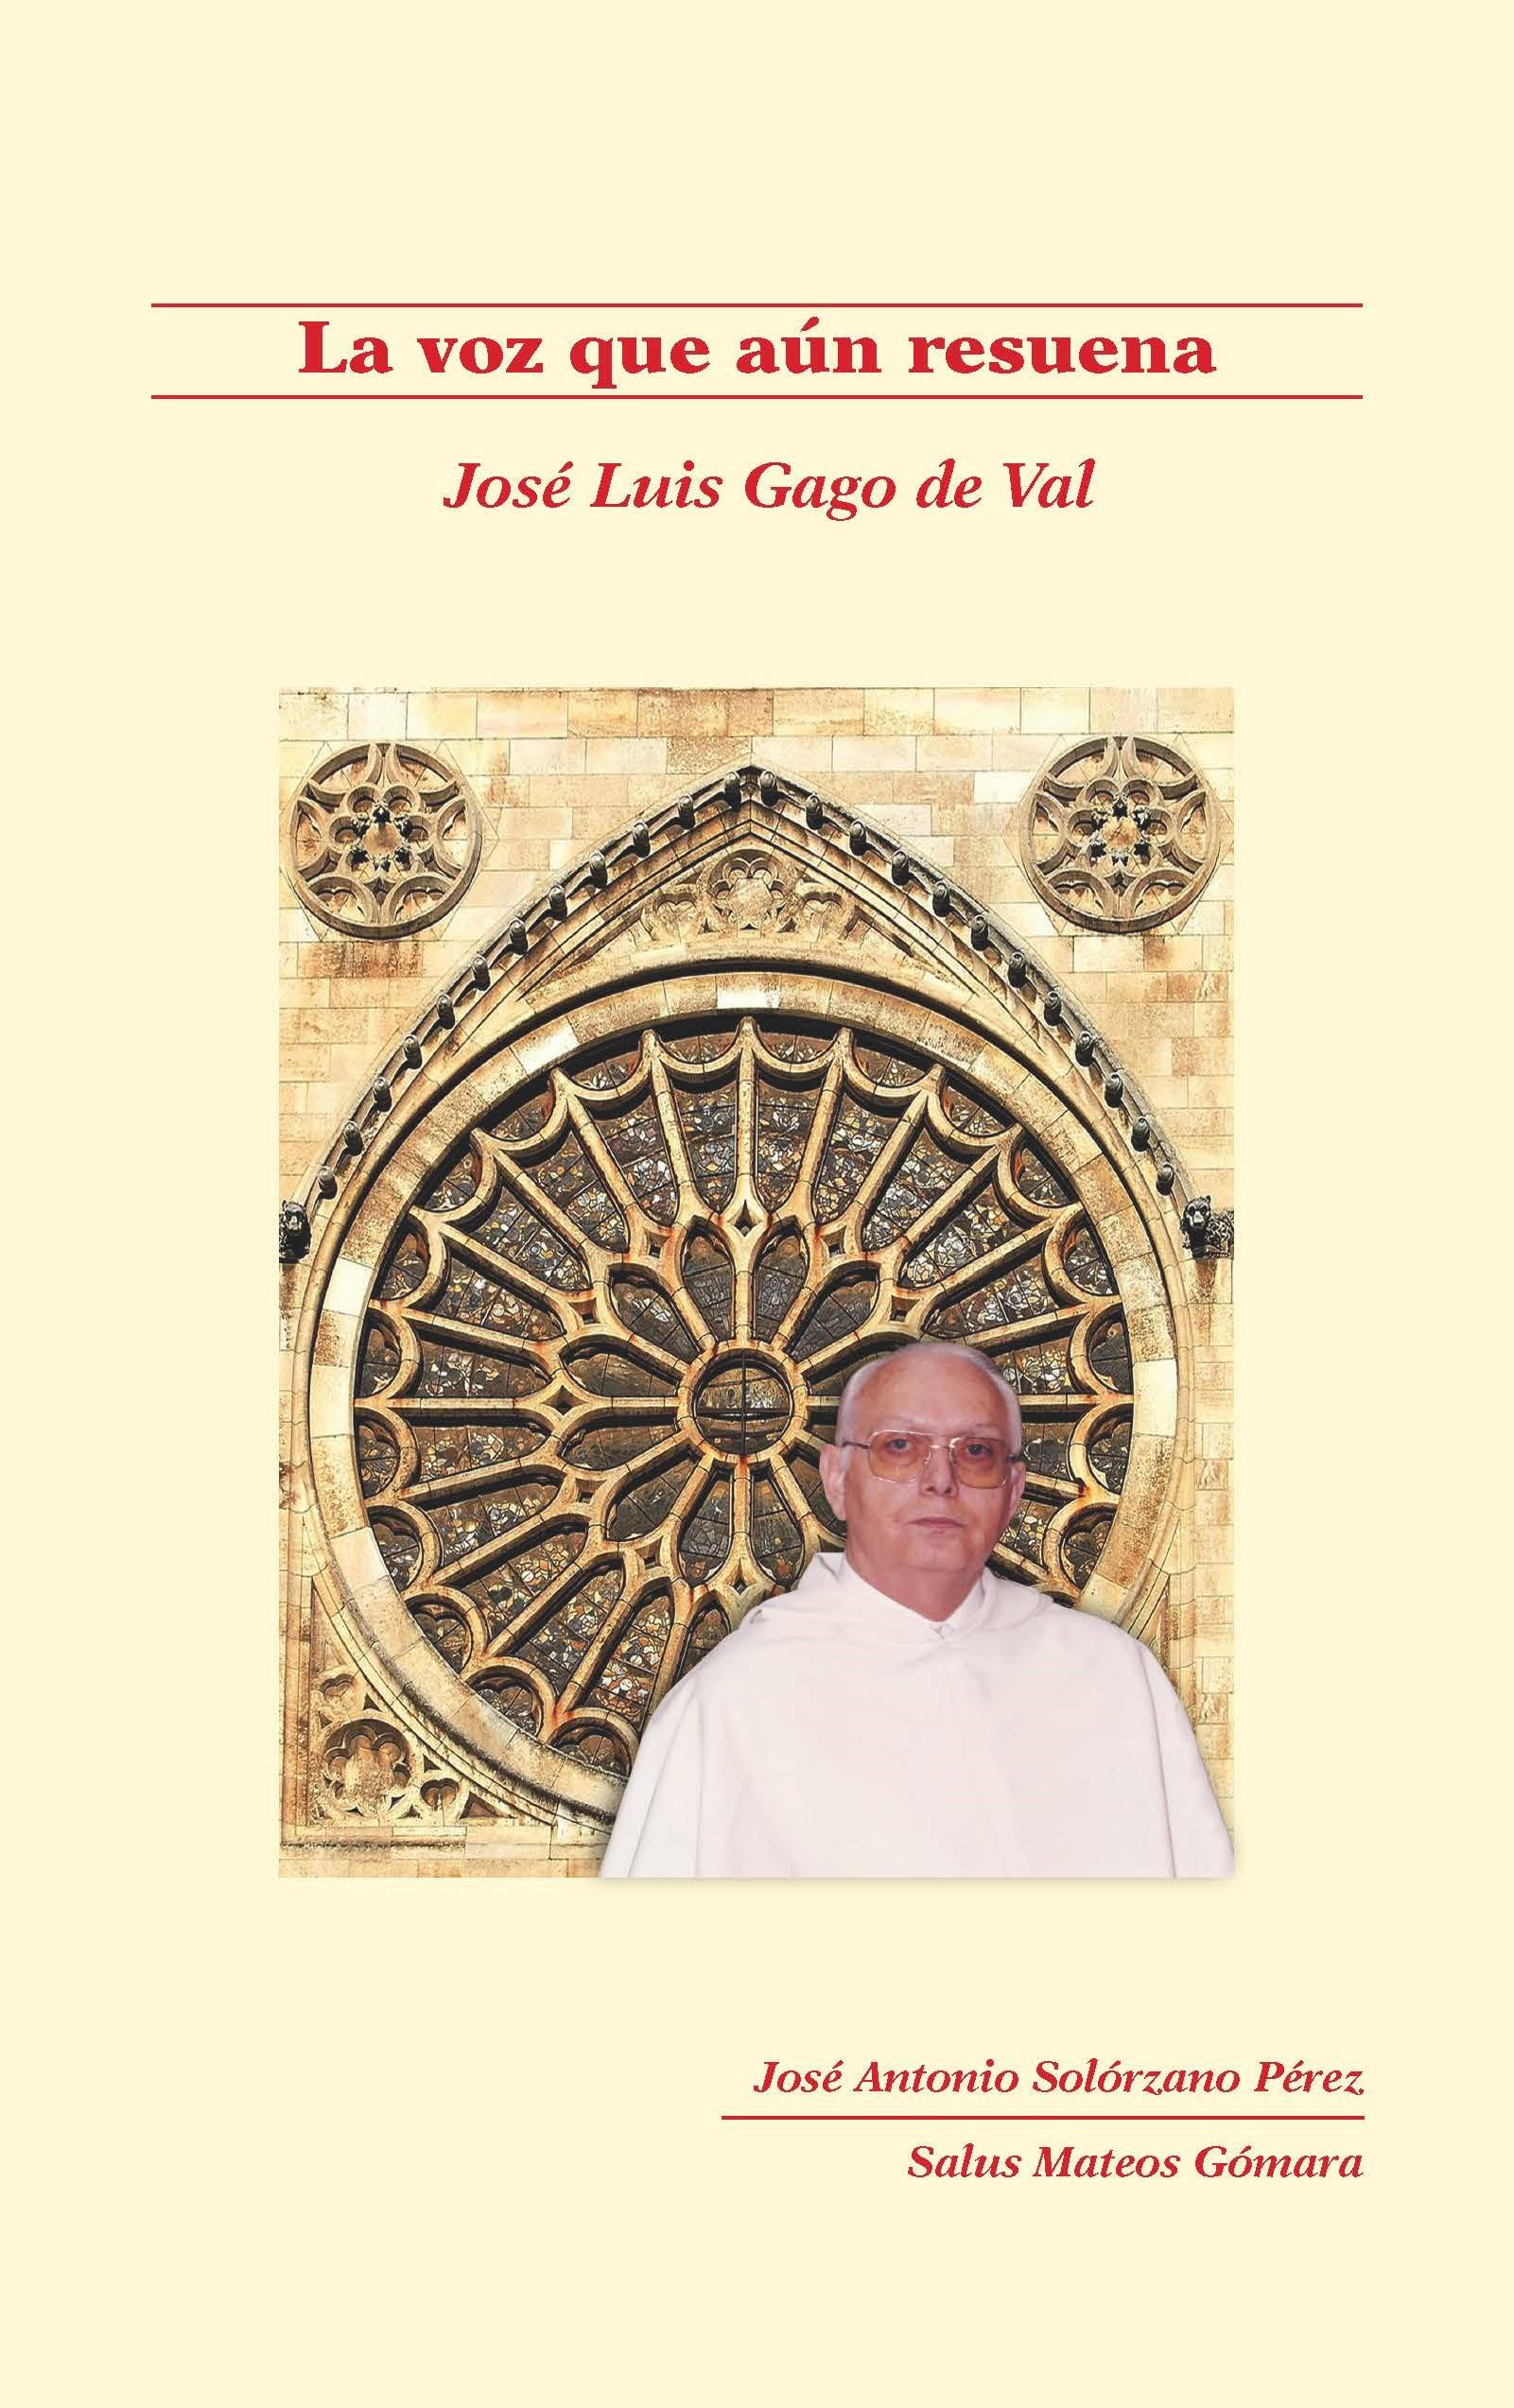 Homenaje a José Luis Gago